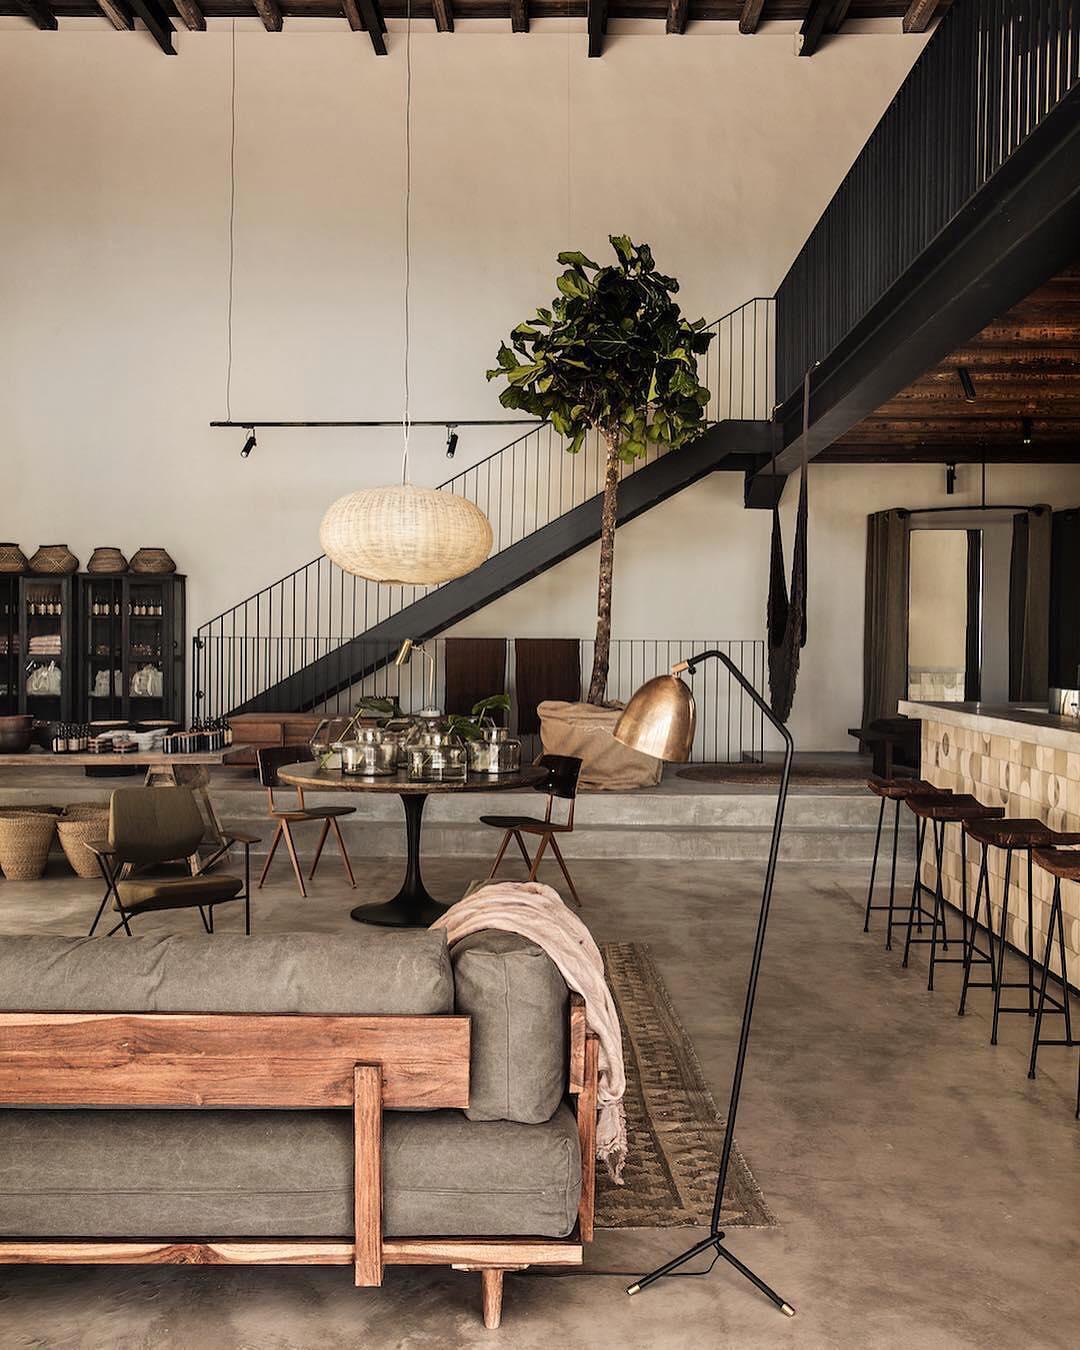 دکوراسیون داخلی هتل بوتیک مدرن در یونان در سال 2019